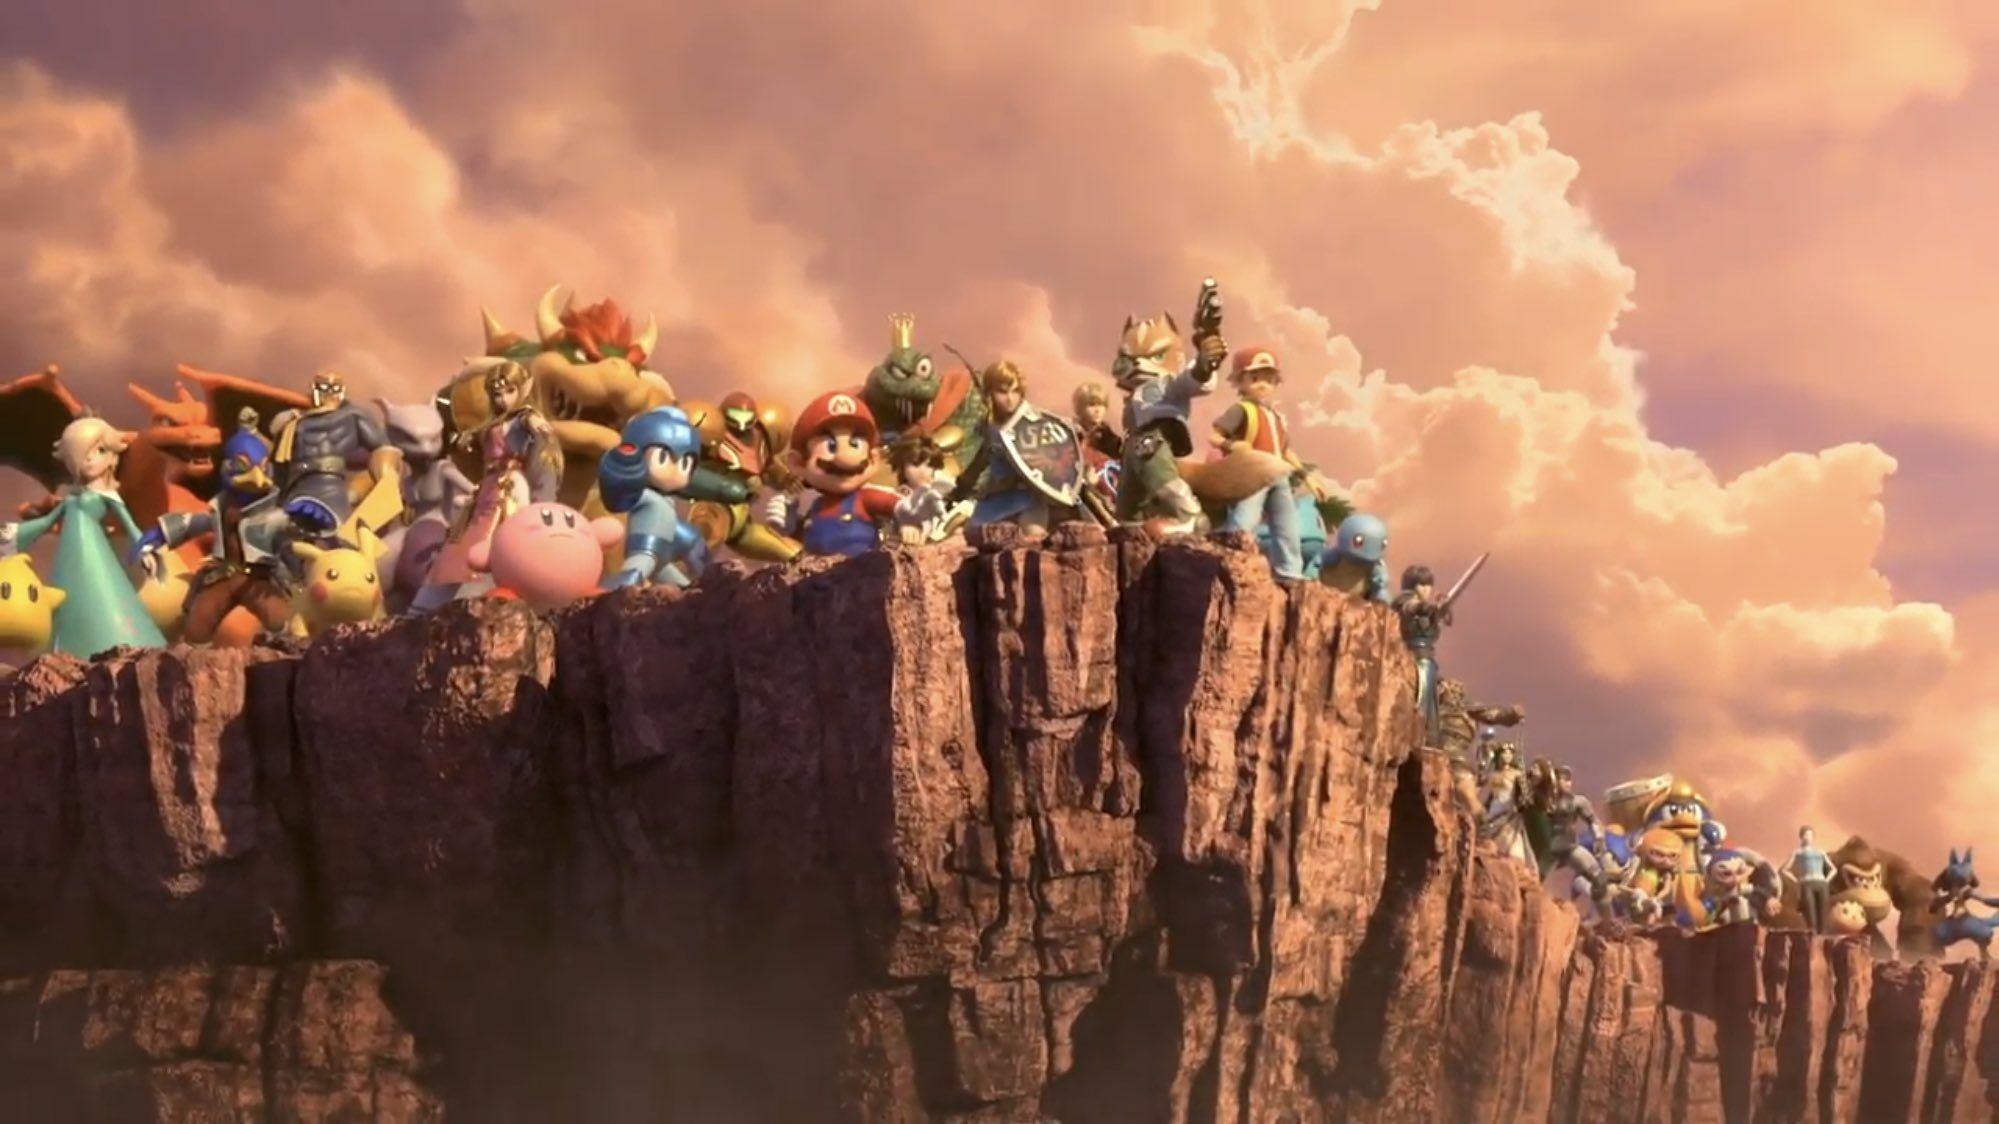 New World Of Light Adventure Mode For Super Smash Bros Ultimate Looks Robust Https Nichegamer Com 2018 11 Smash Bros Super Smash Bros Super Smash Brothers